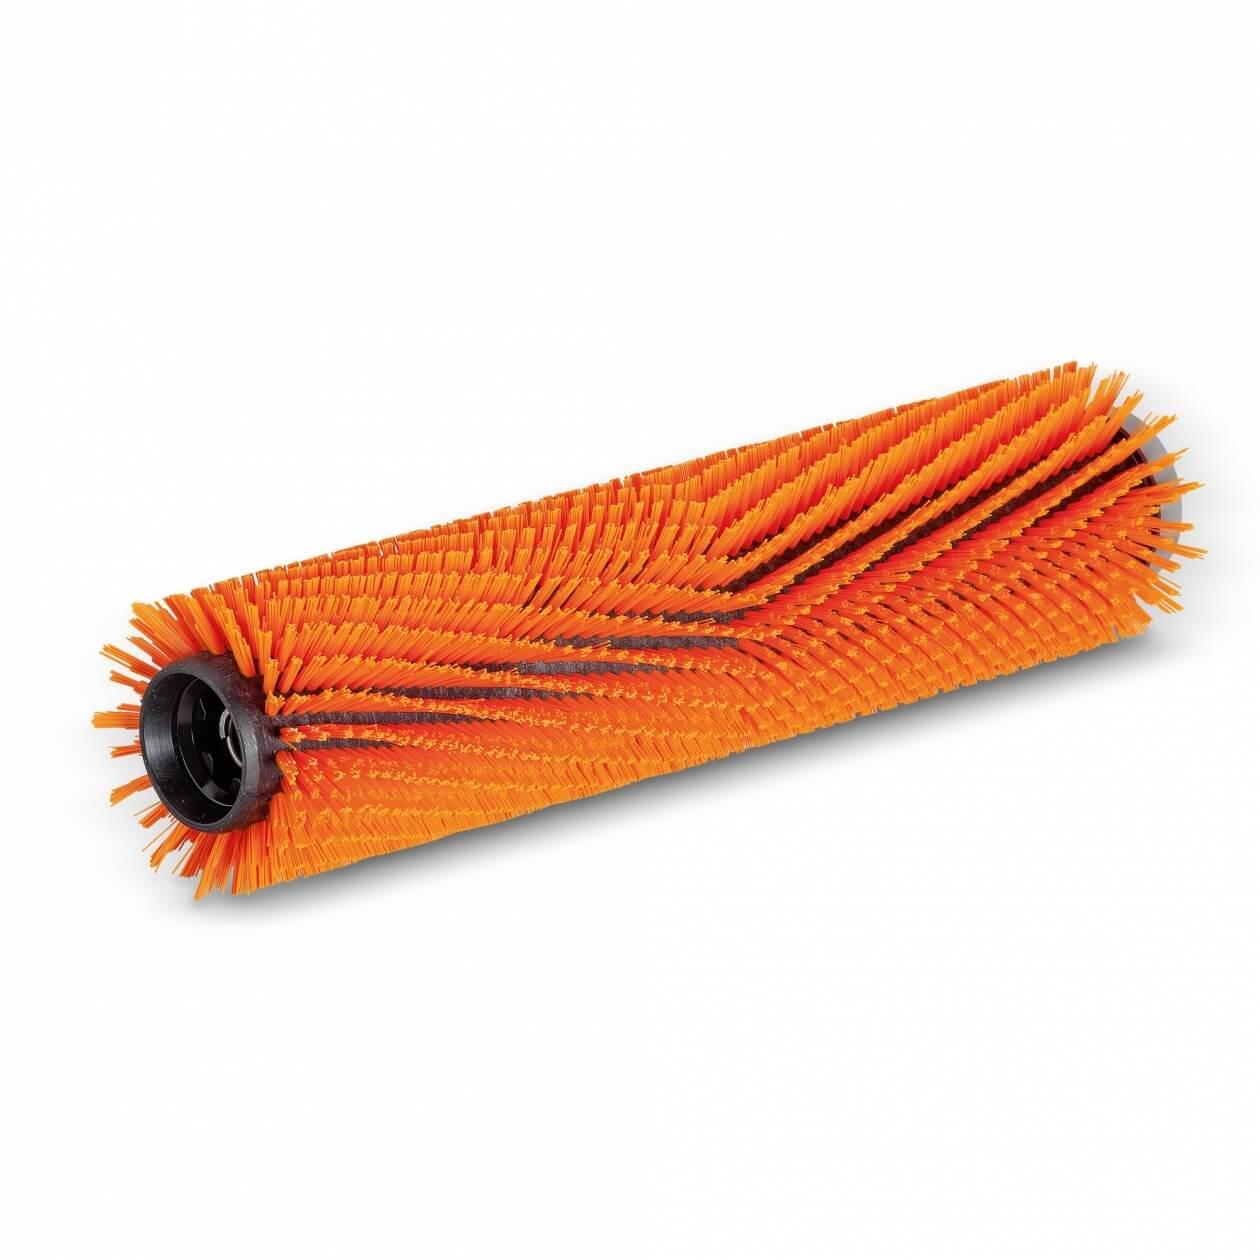 Image of   Kärcher, børstevalse 400 mm, orange, mellem.hård - 47622510